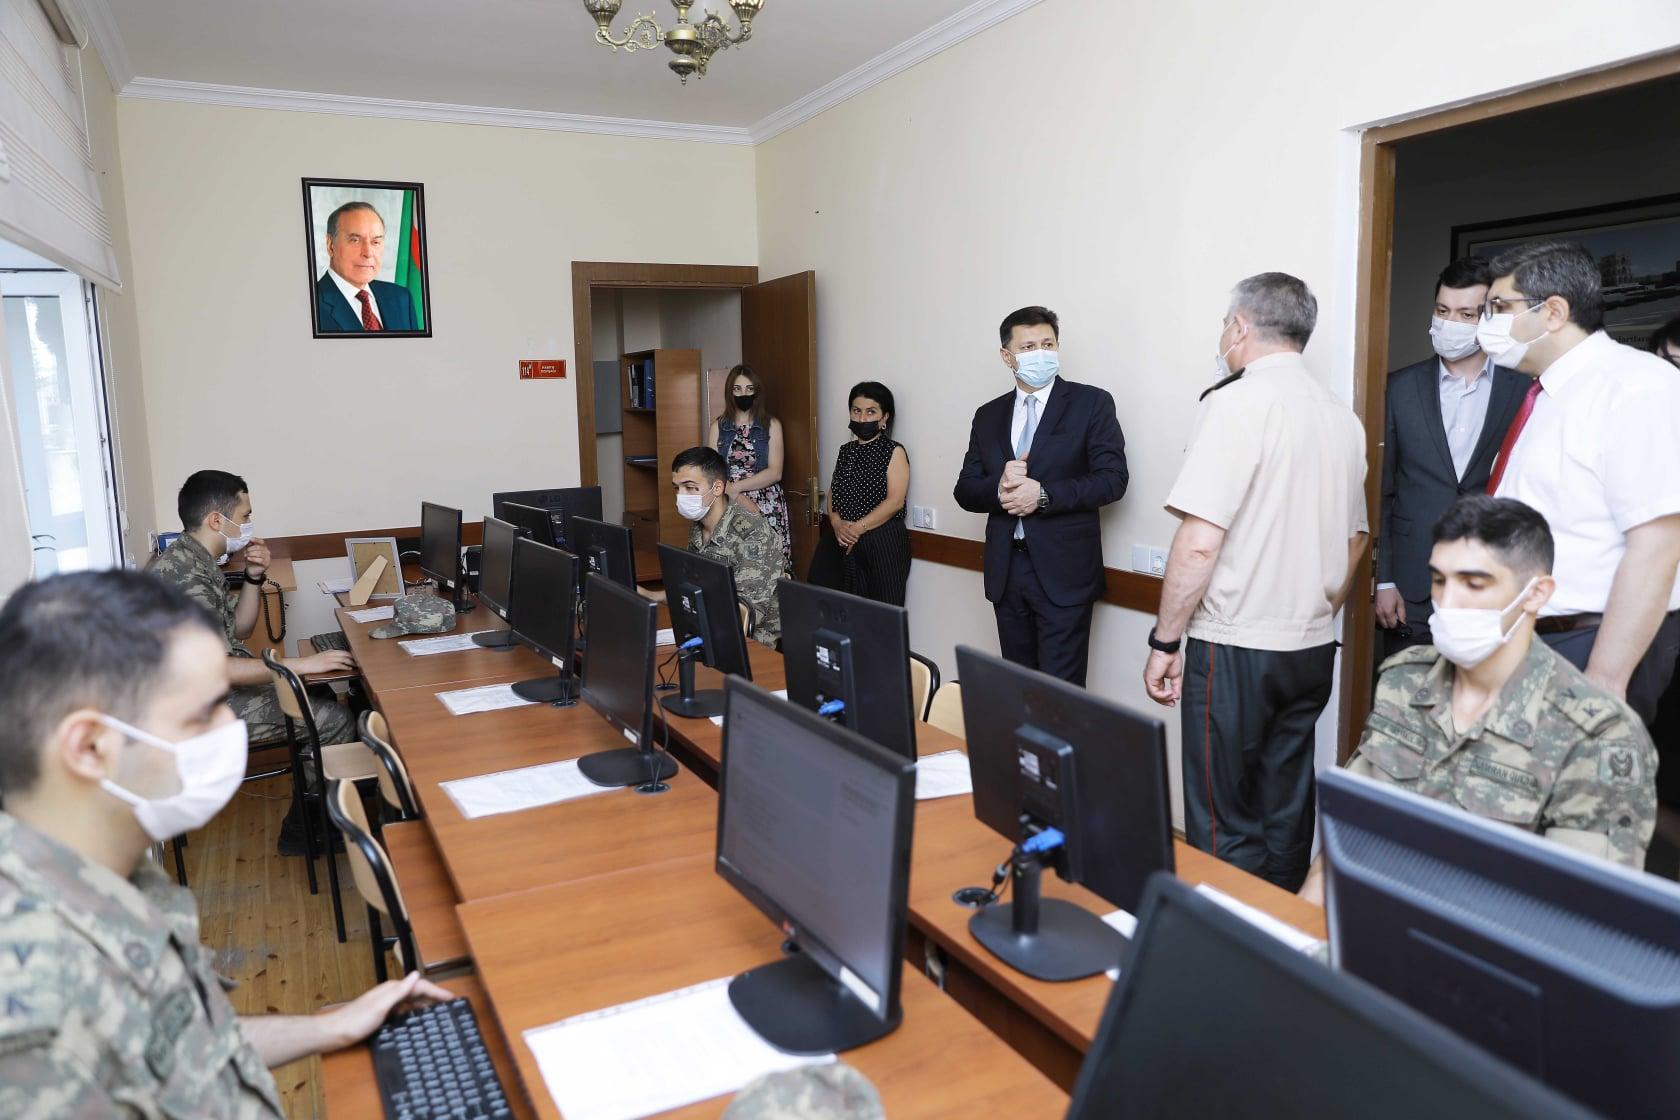 Tibb Universitetinin rektoru hərbi tibb fakültəsində imtahanın gedişini izləyib - FOTO